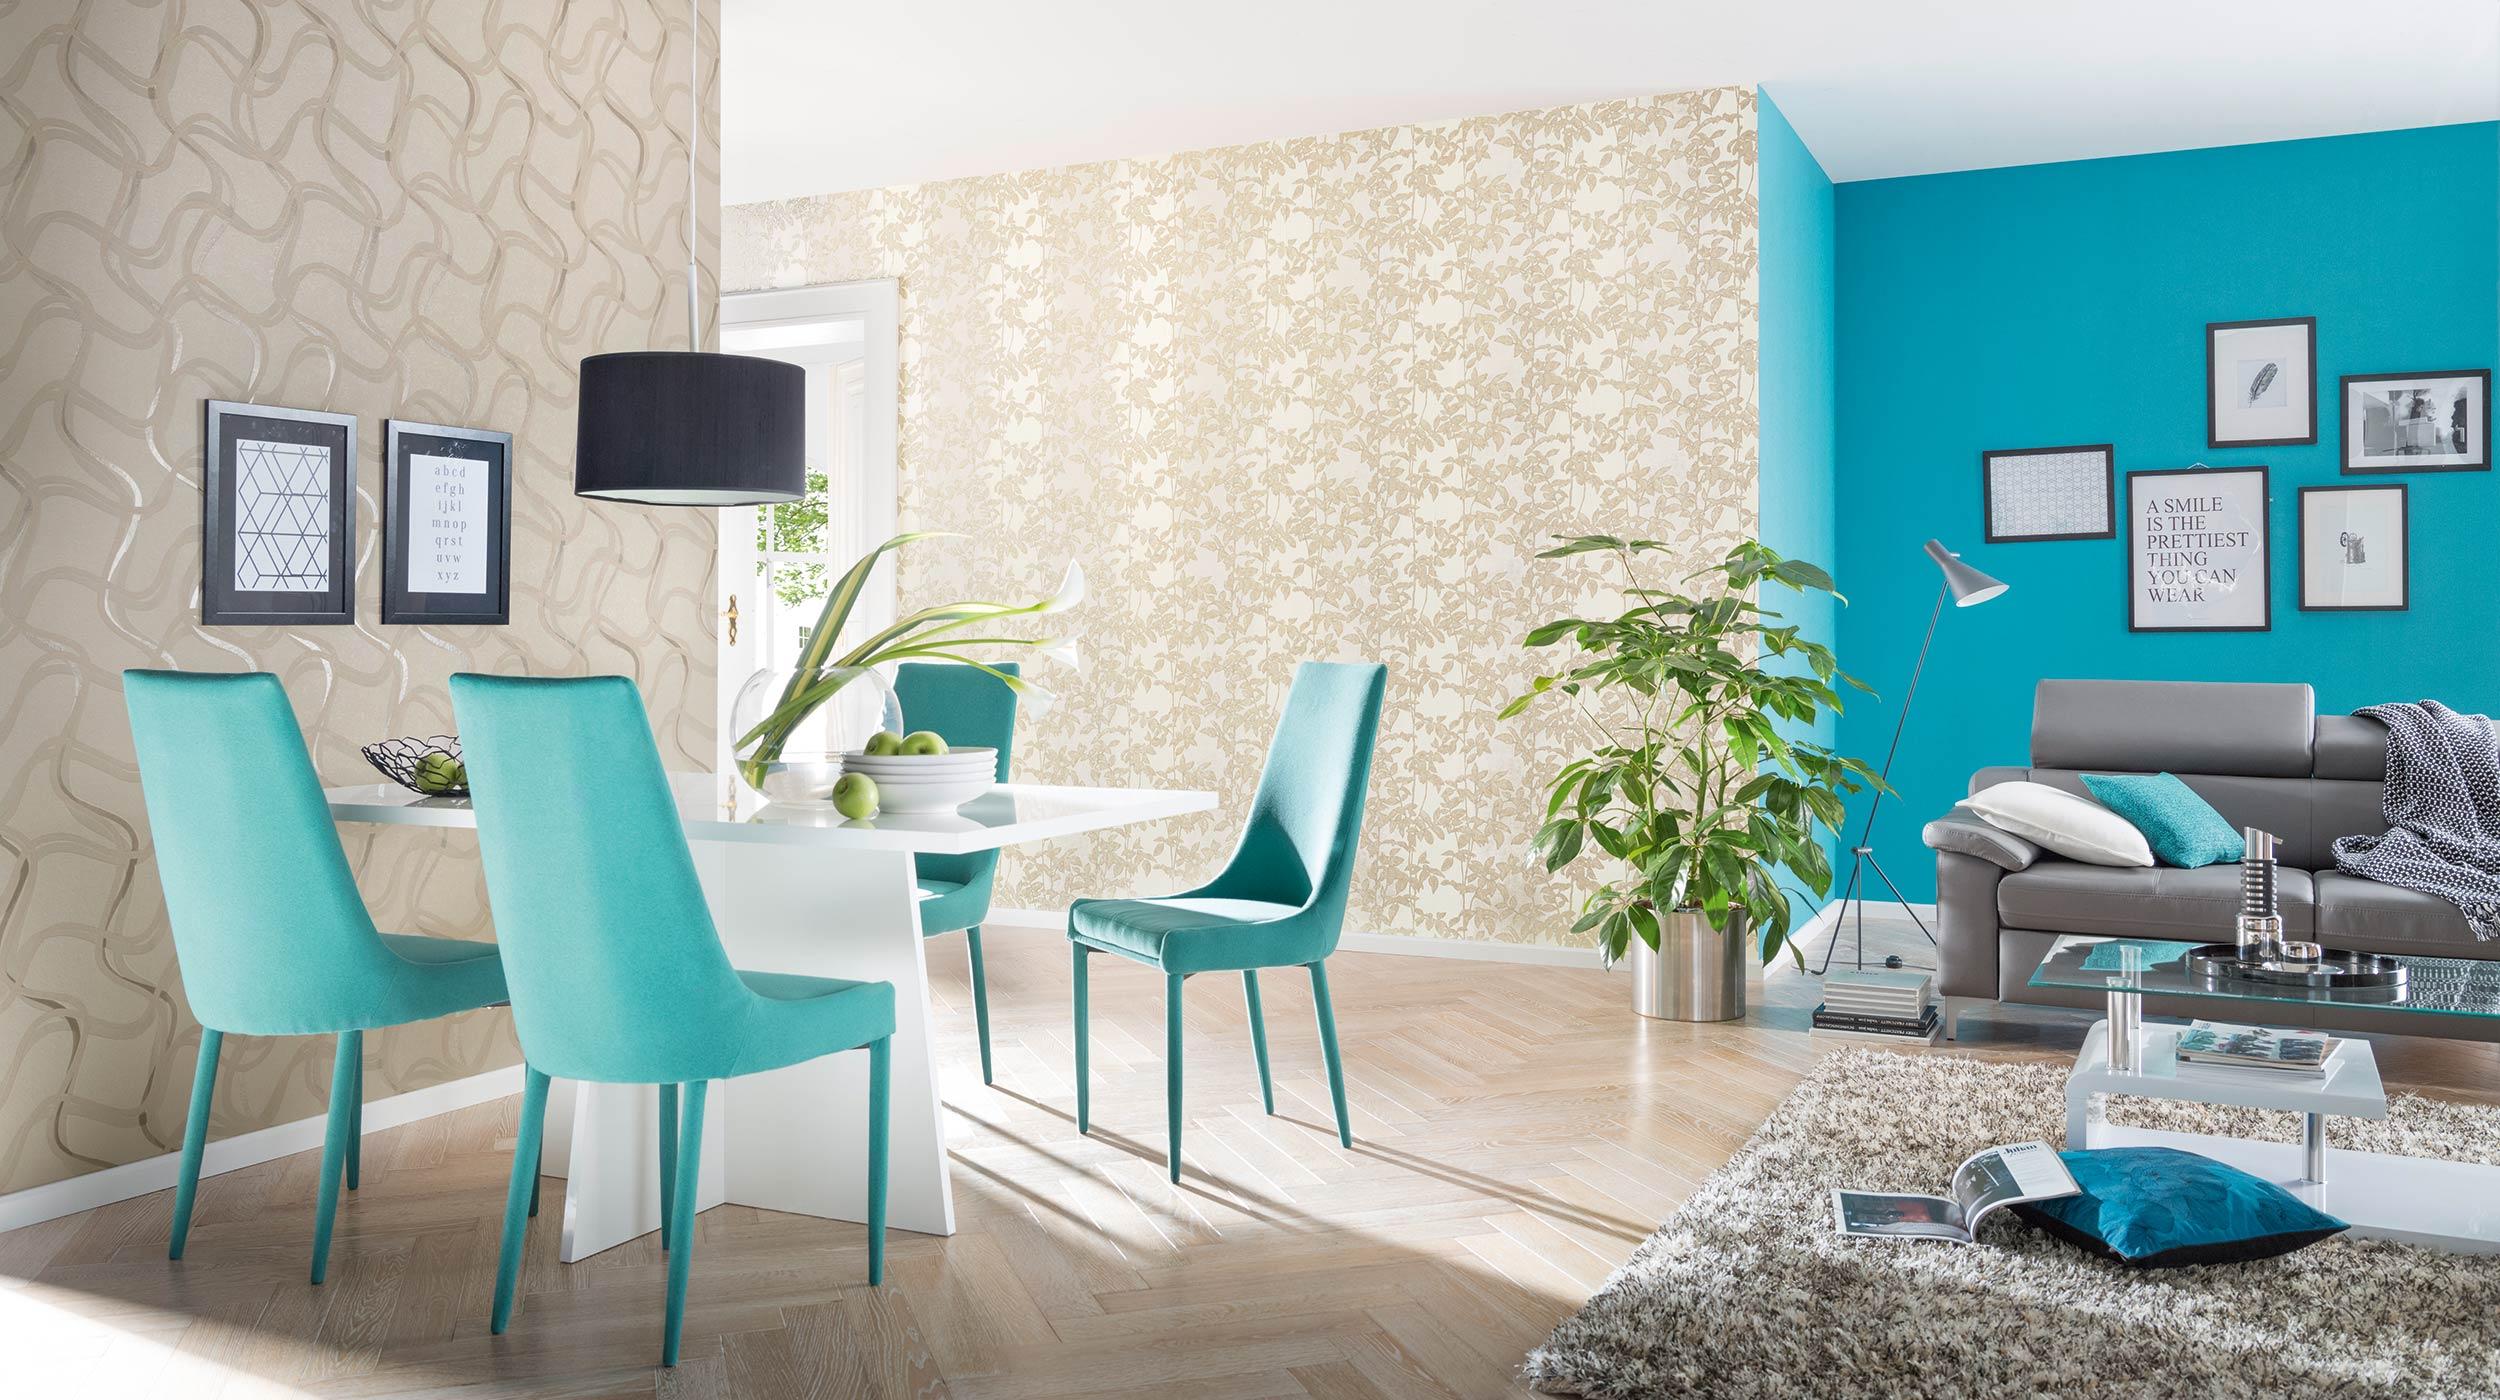 filino-design-vliestapete_4 | erismann & cie. gmbh